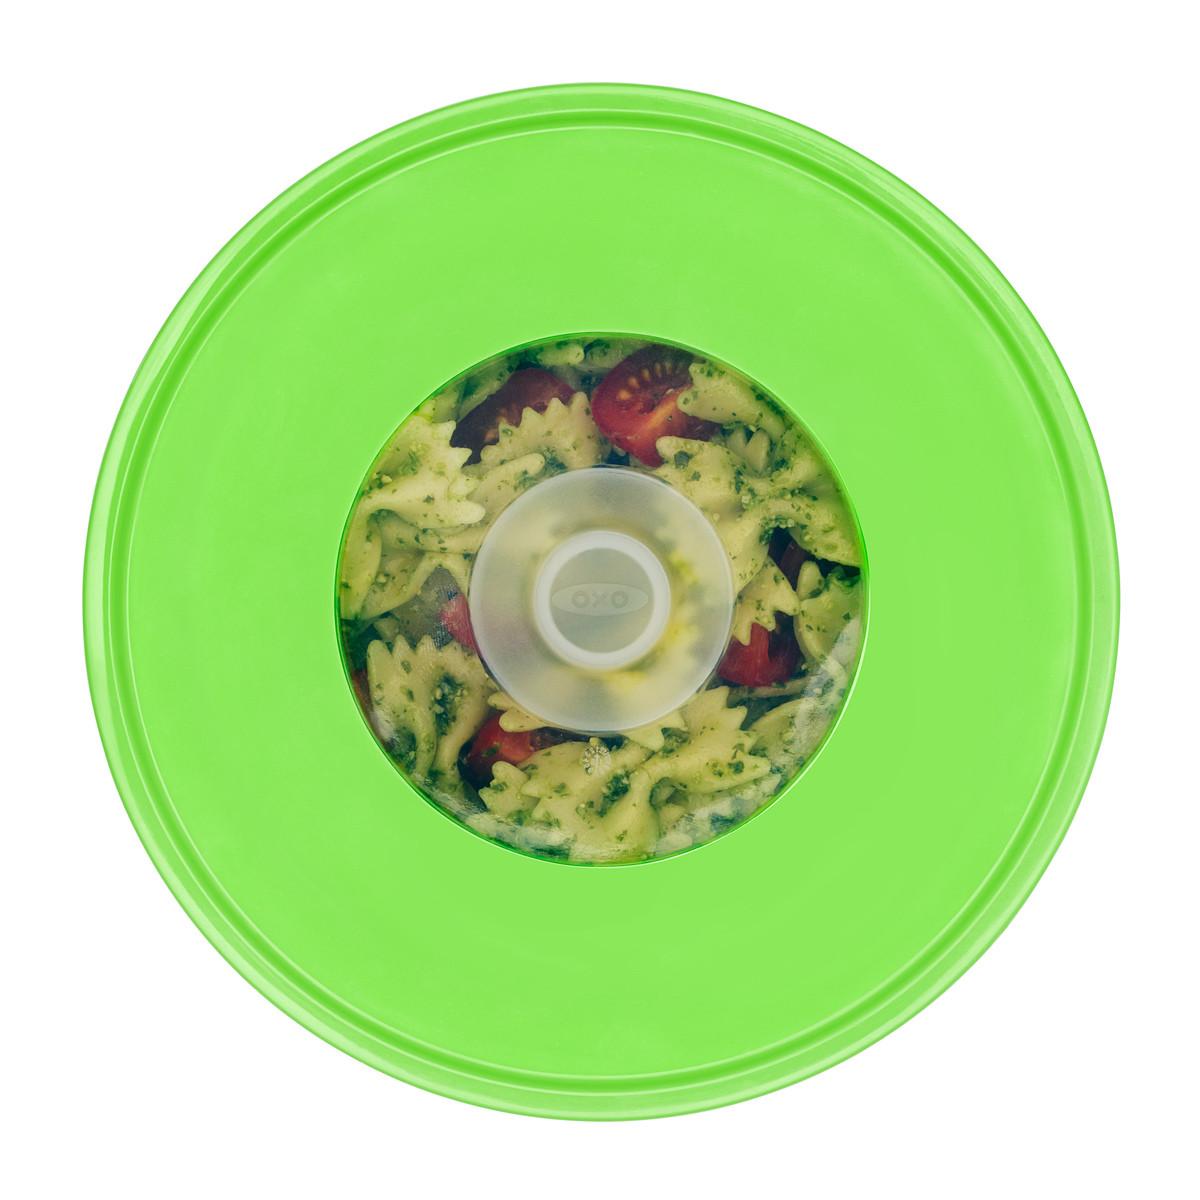 Крышка силиконовая многоразовая OXO Food Storage 20 см 11242400